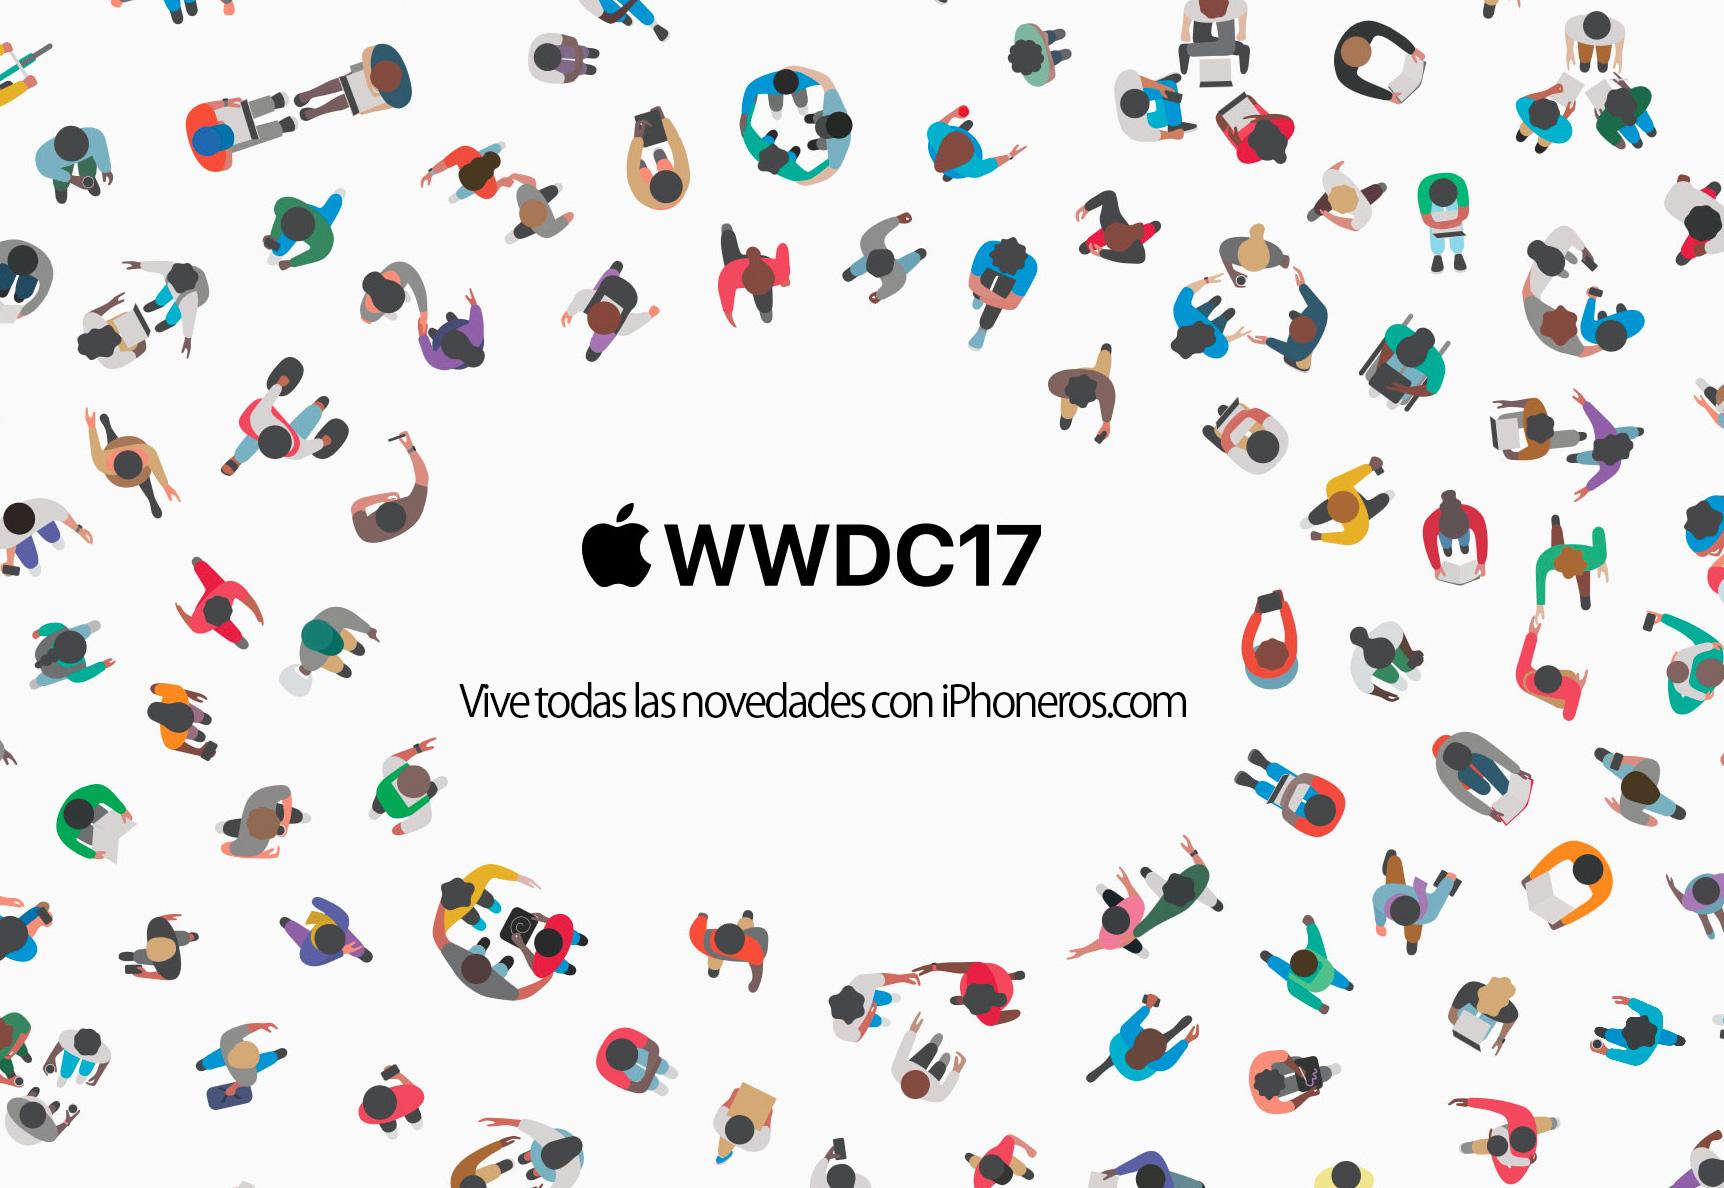 Retransmisión WWDC 2017